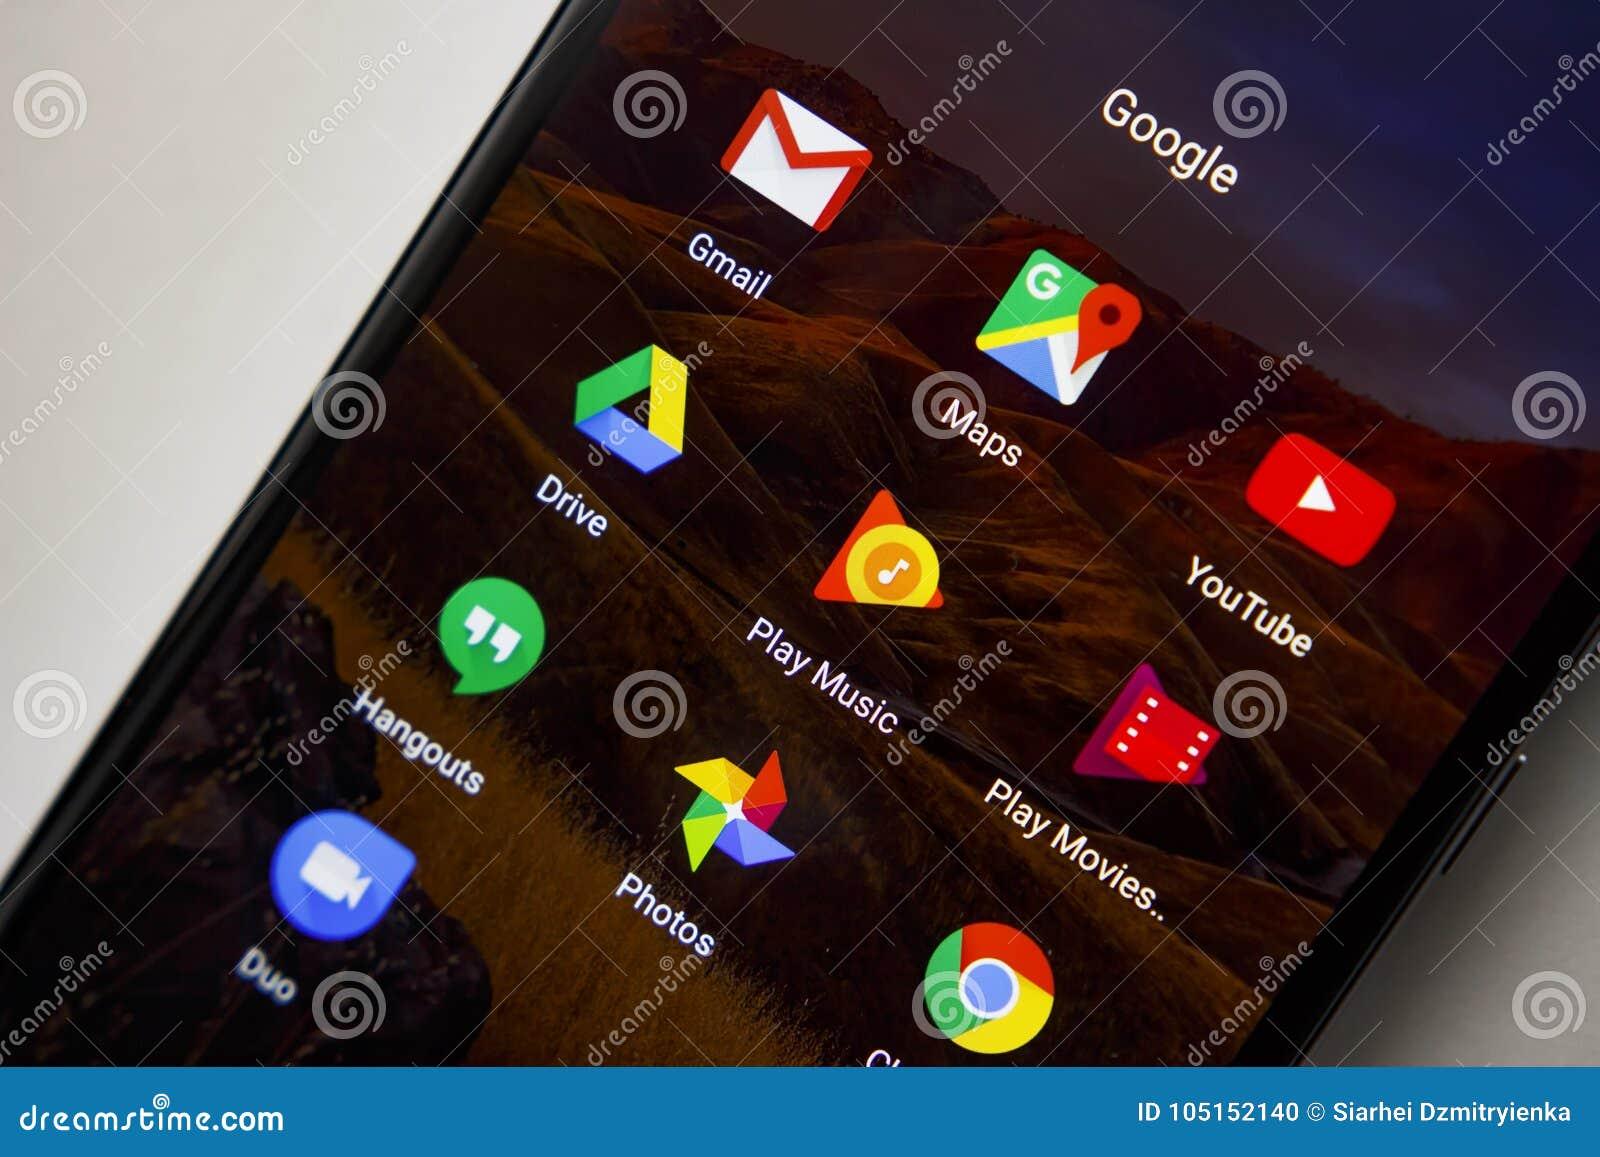 Berlijn, Duitsland - November 19, 2017: De pictogrammen van Google apps op het scherm van moderne smartphone Toepassingenpictogra